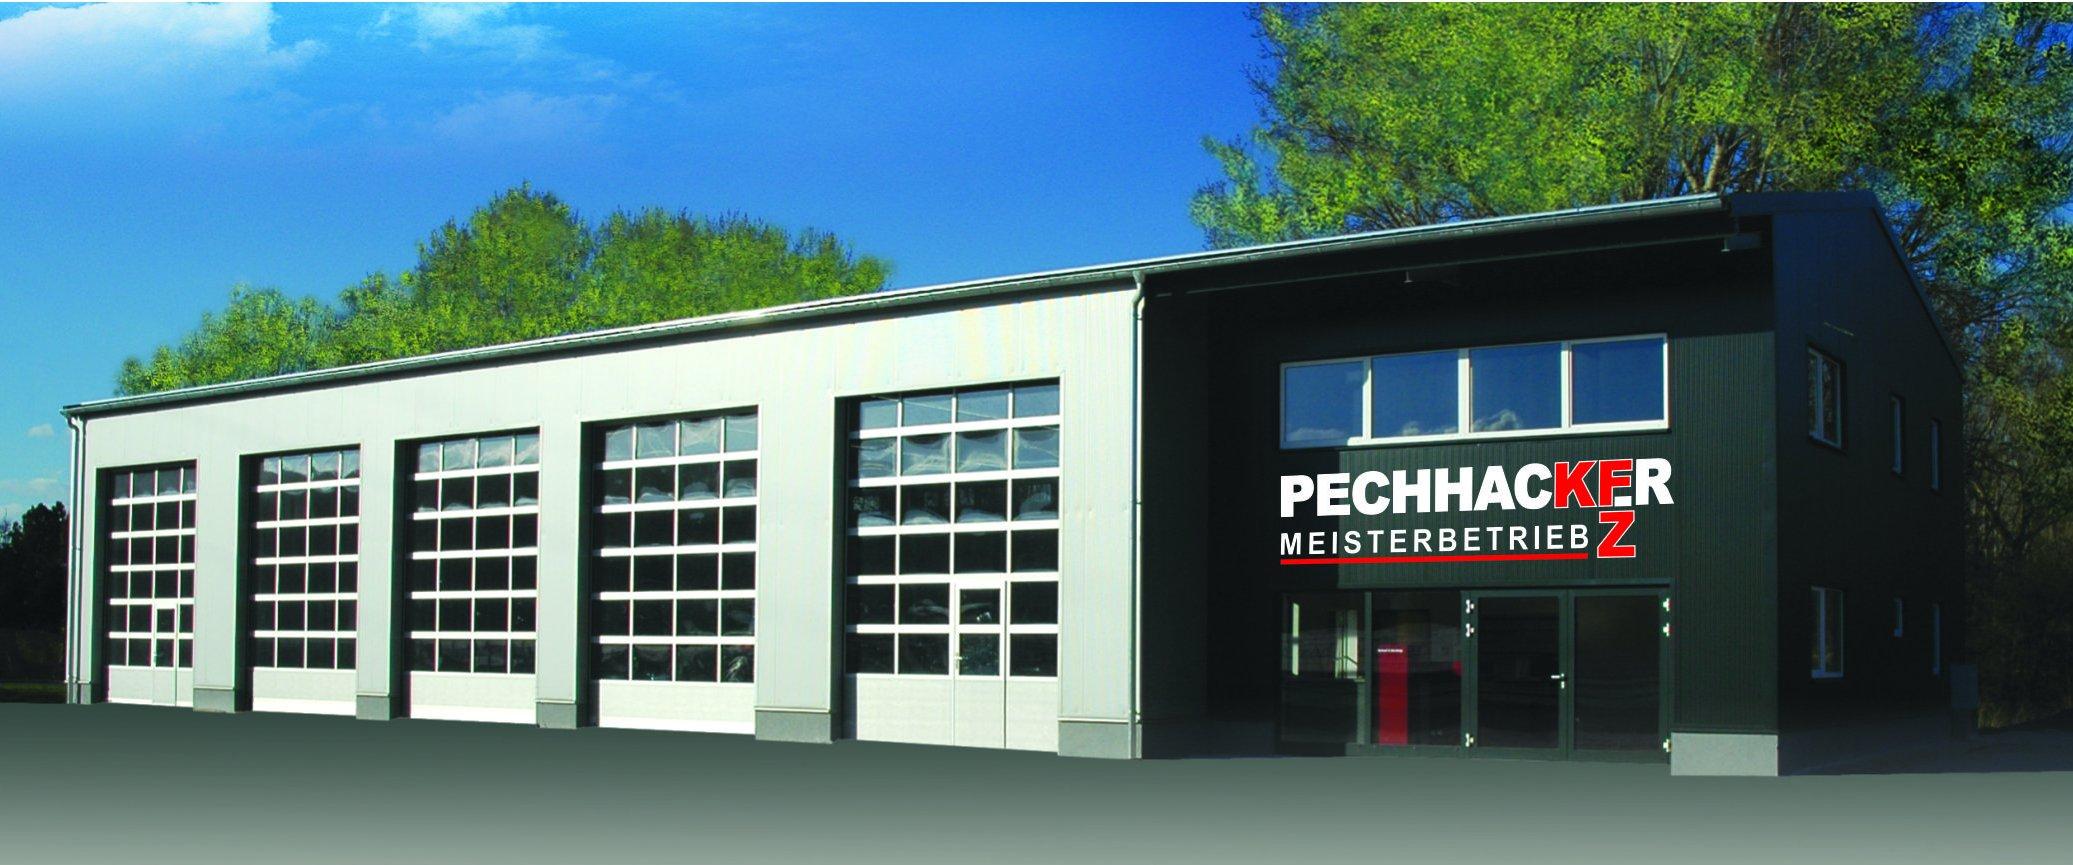 Kfz-Pechhacker